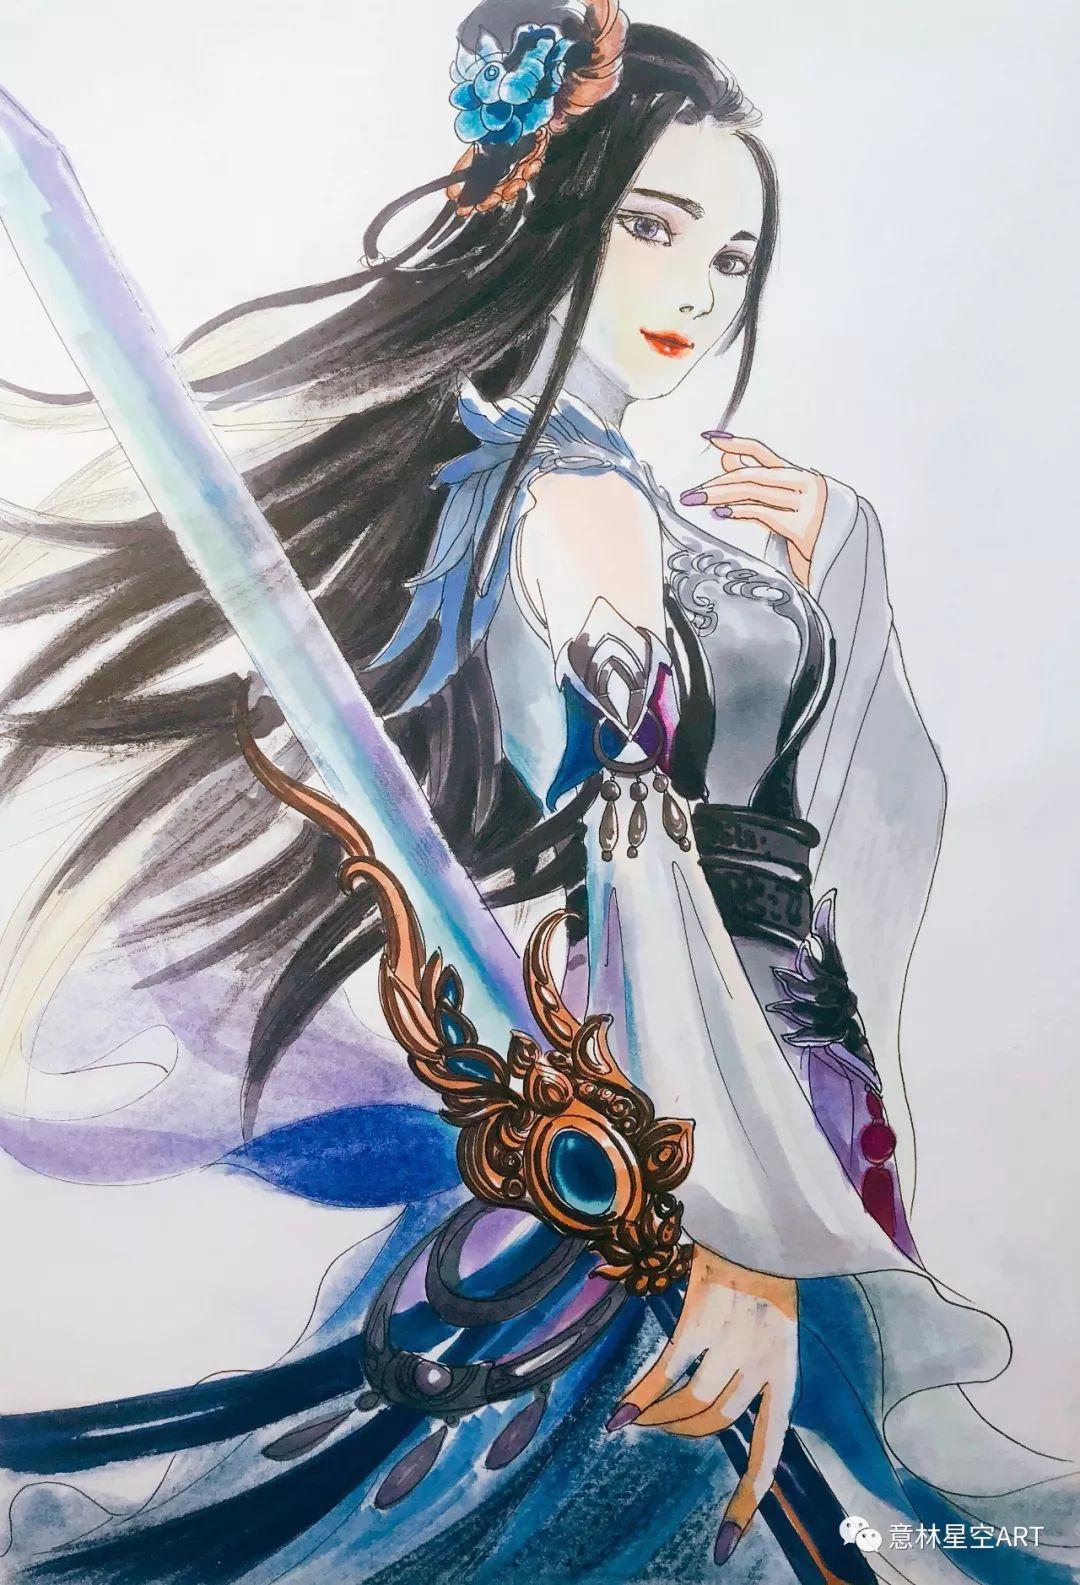 教程 | 游戏中风骨柔情的女侠,可以这么美!